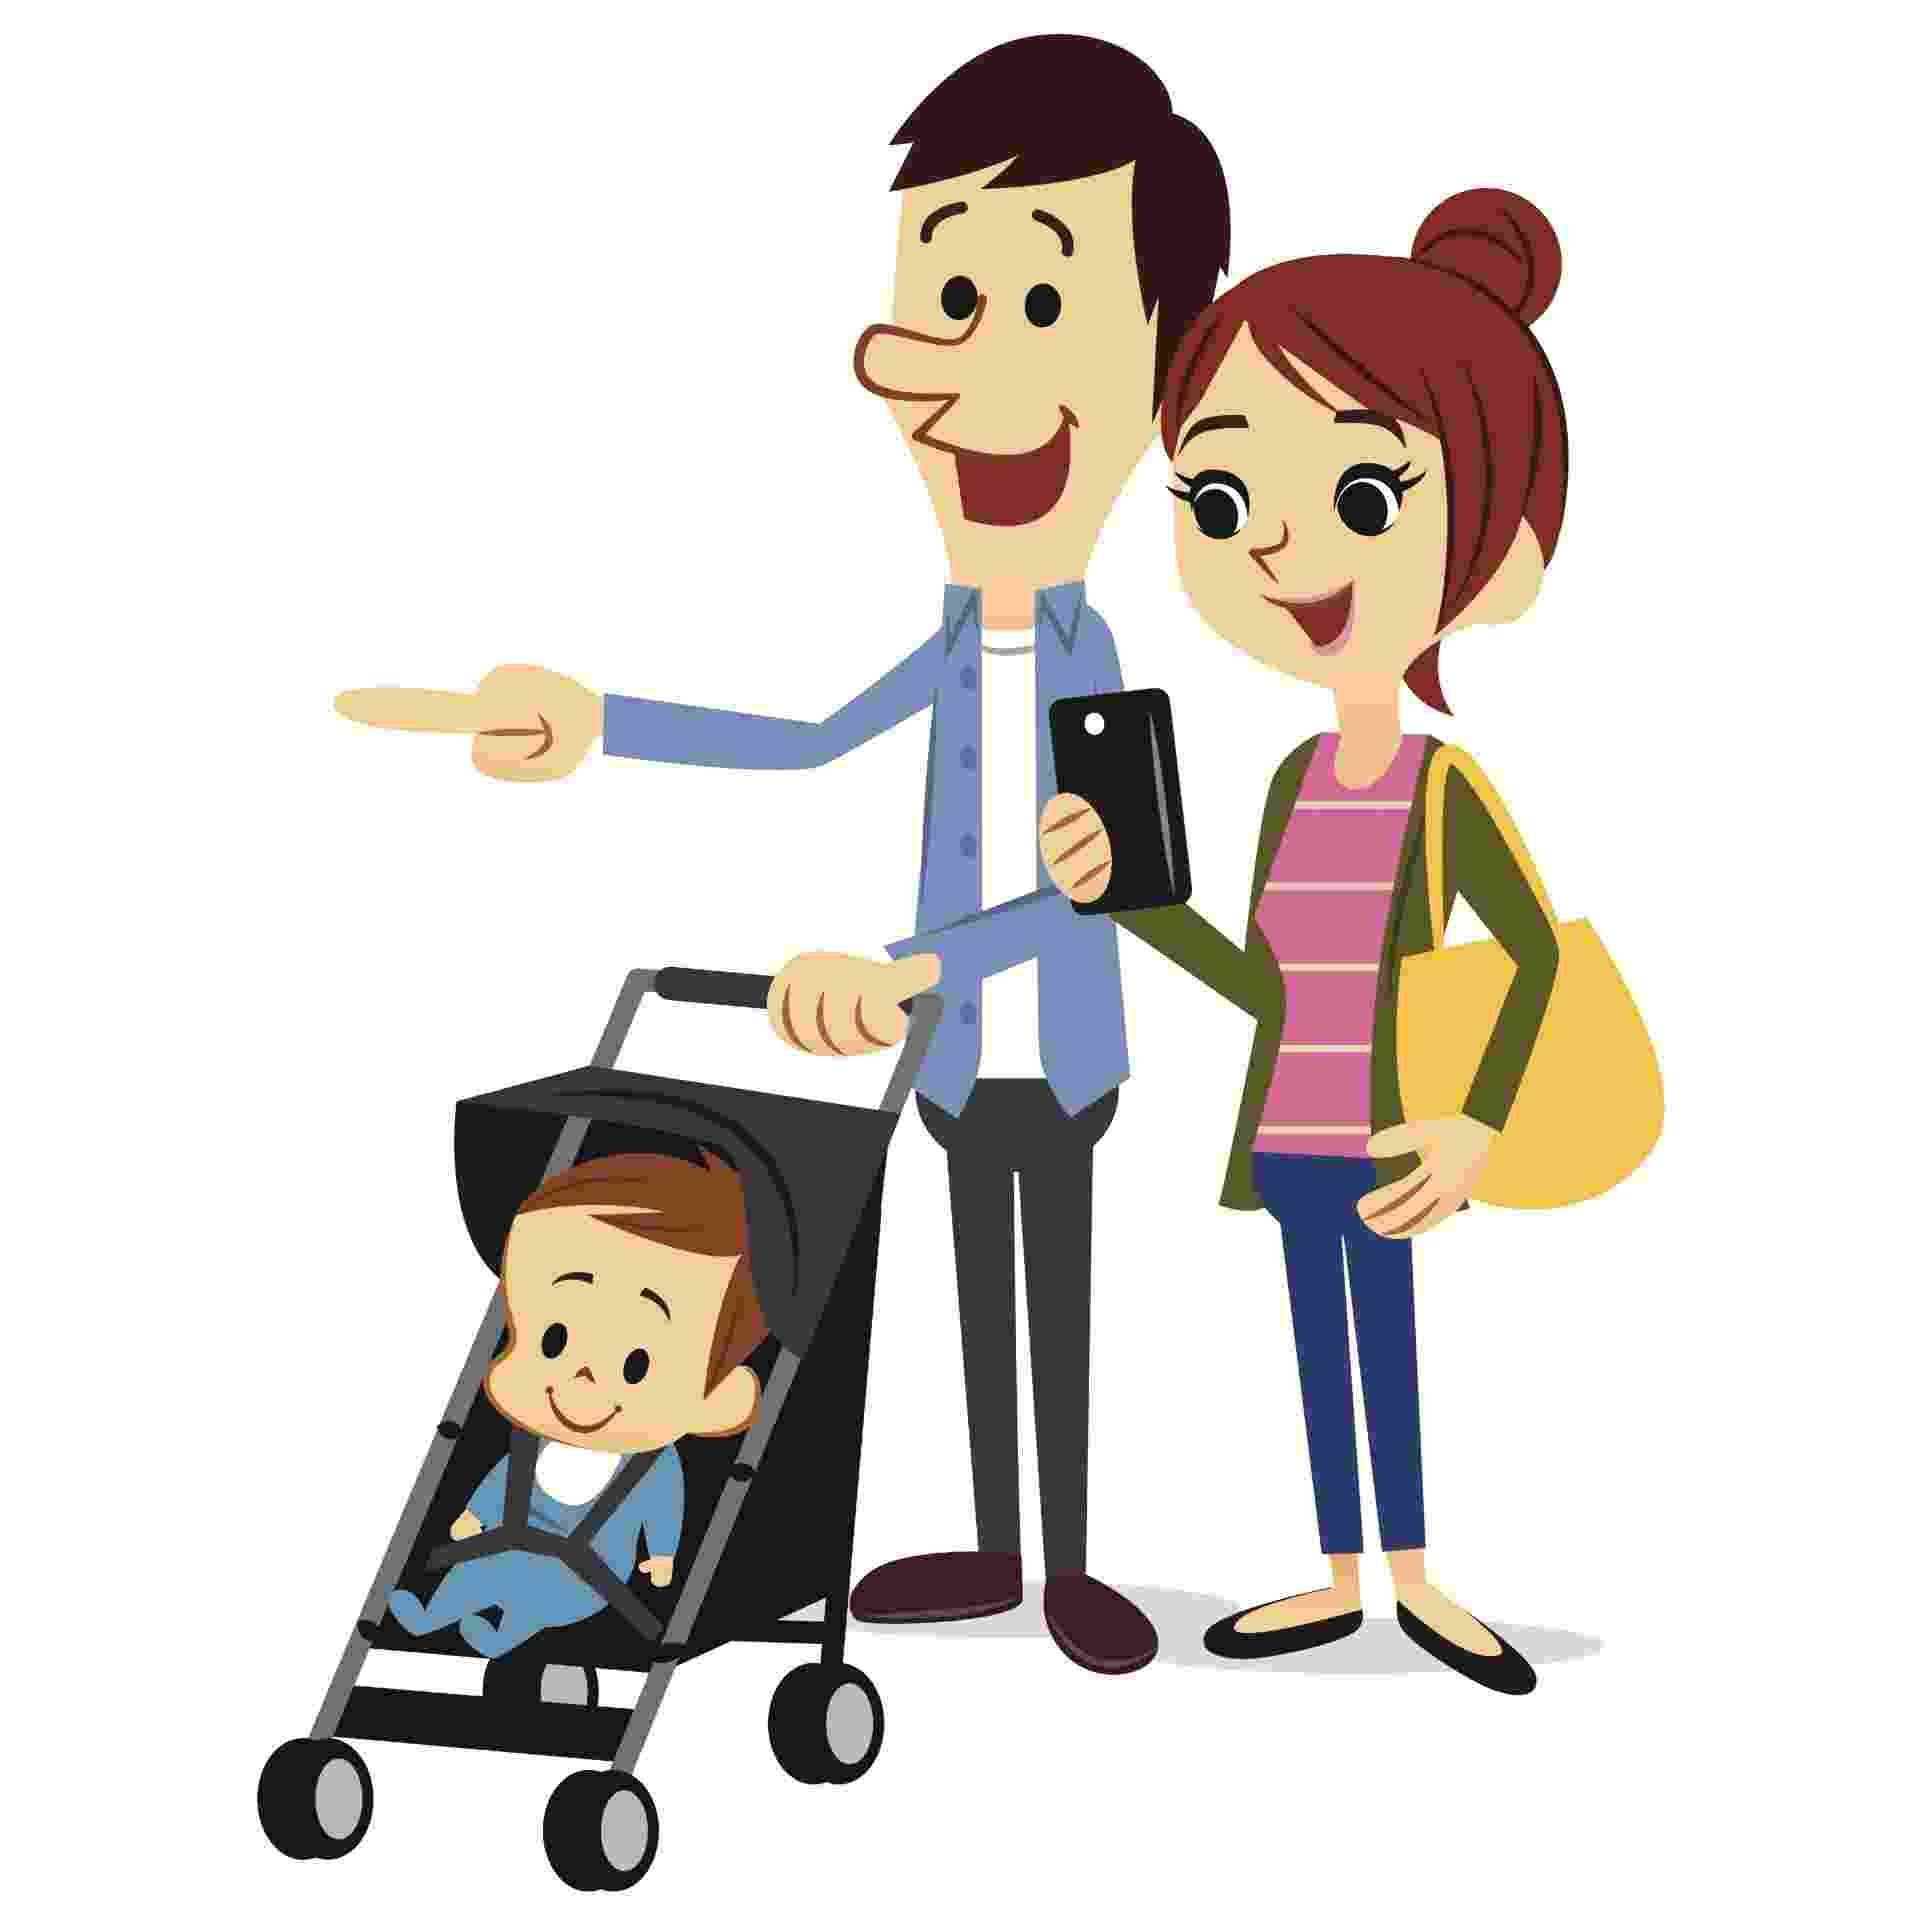 Para ajudar os pais nos cuidados com os filhos bebês, o UOL Gravidez e Filhos selecionou dez aplicativos para smartphones que auxiliam nas tarefas diárias como lembrar horário de remédio e consultas ao pediatra. Além disso, alguns deles servem como guia de passeio e têm músicas para acalmare o bebê na hora de dormir. Veja a seguir outros benefícios - Getty Images